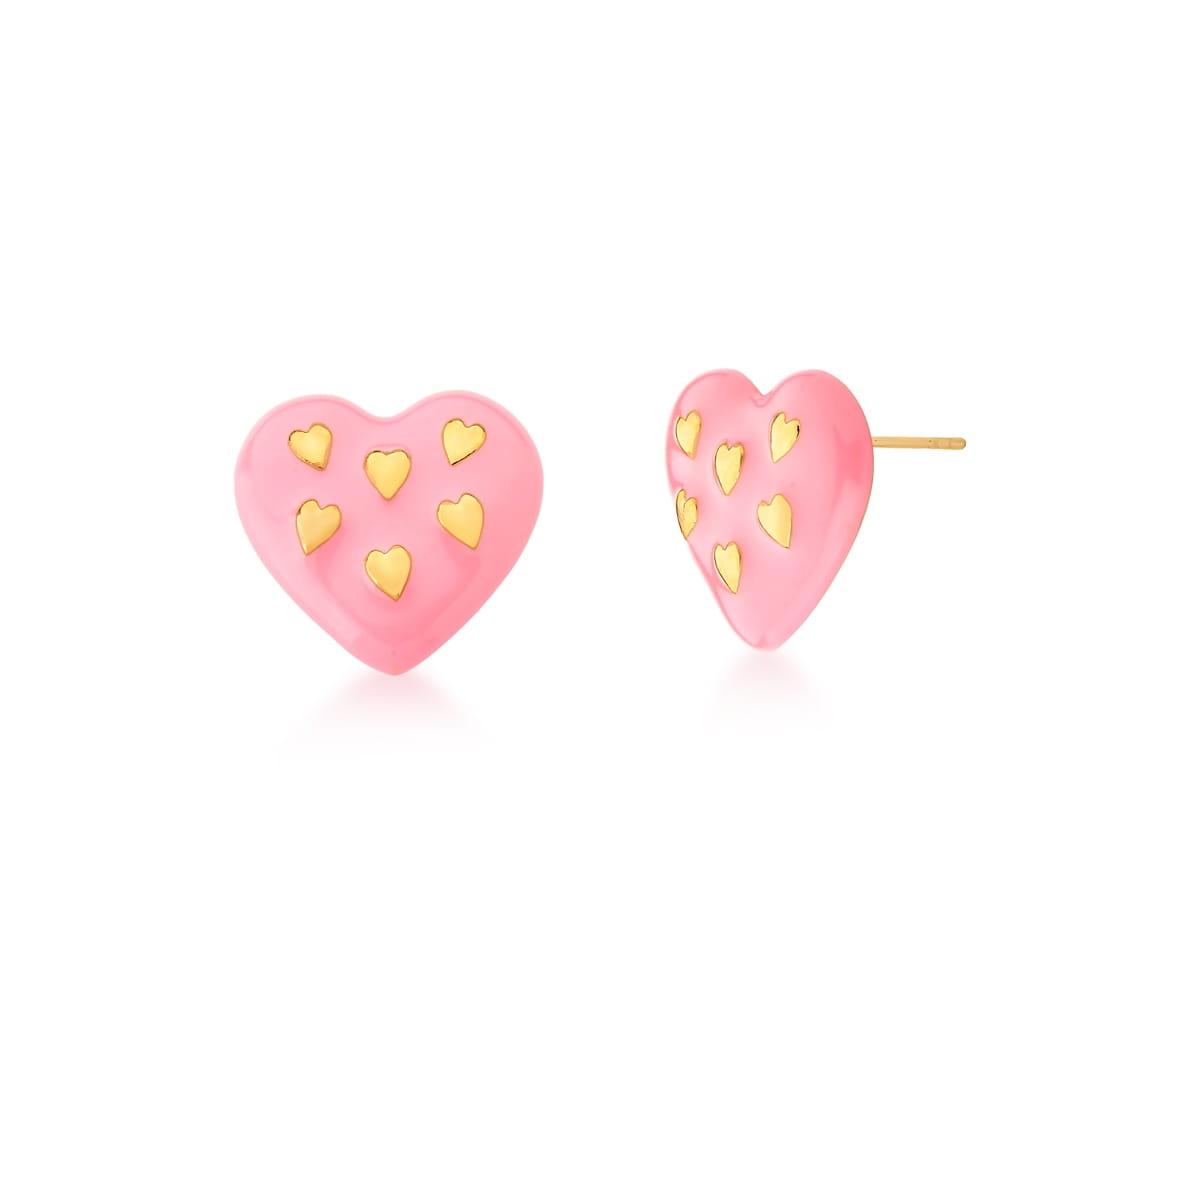 Brinco coração rosa esmaltado